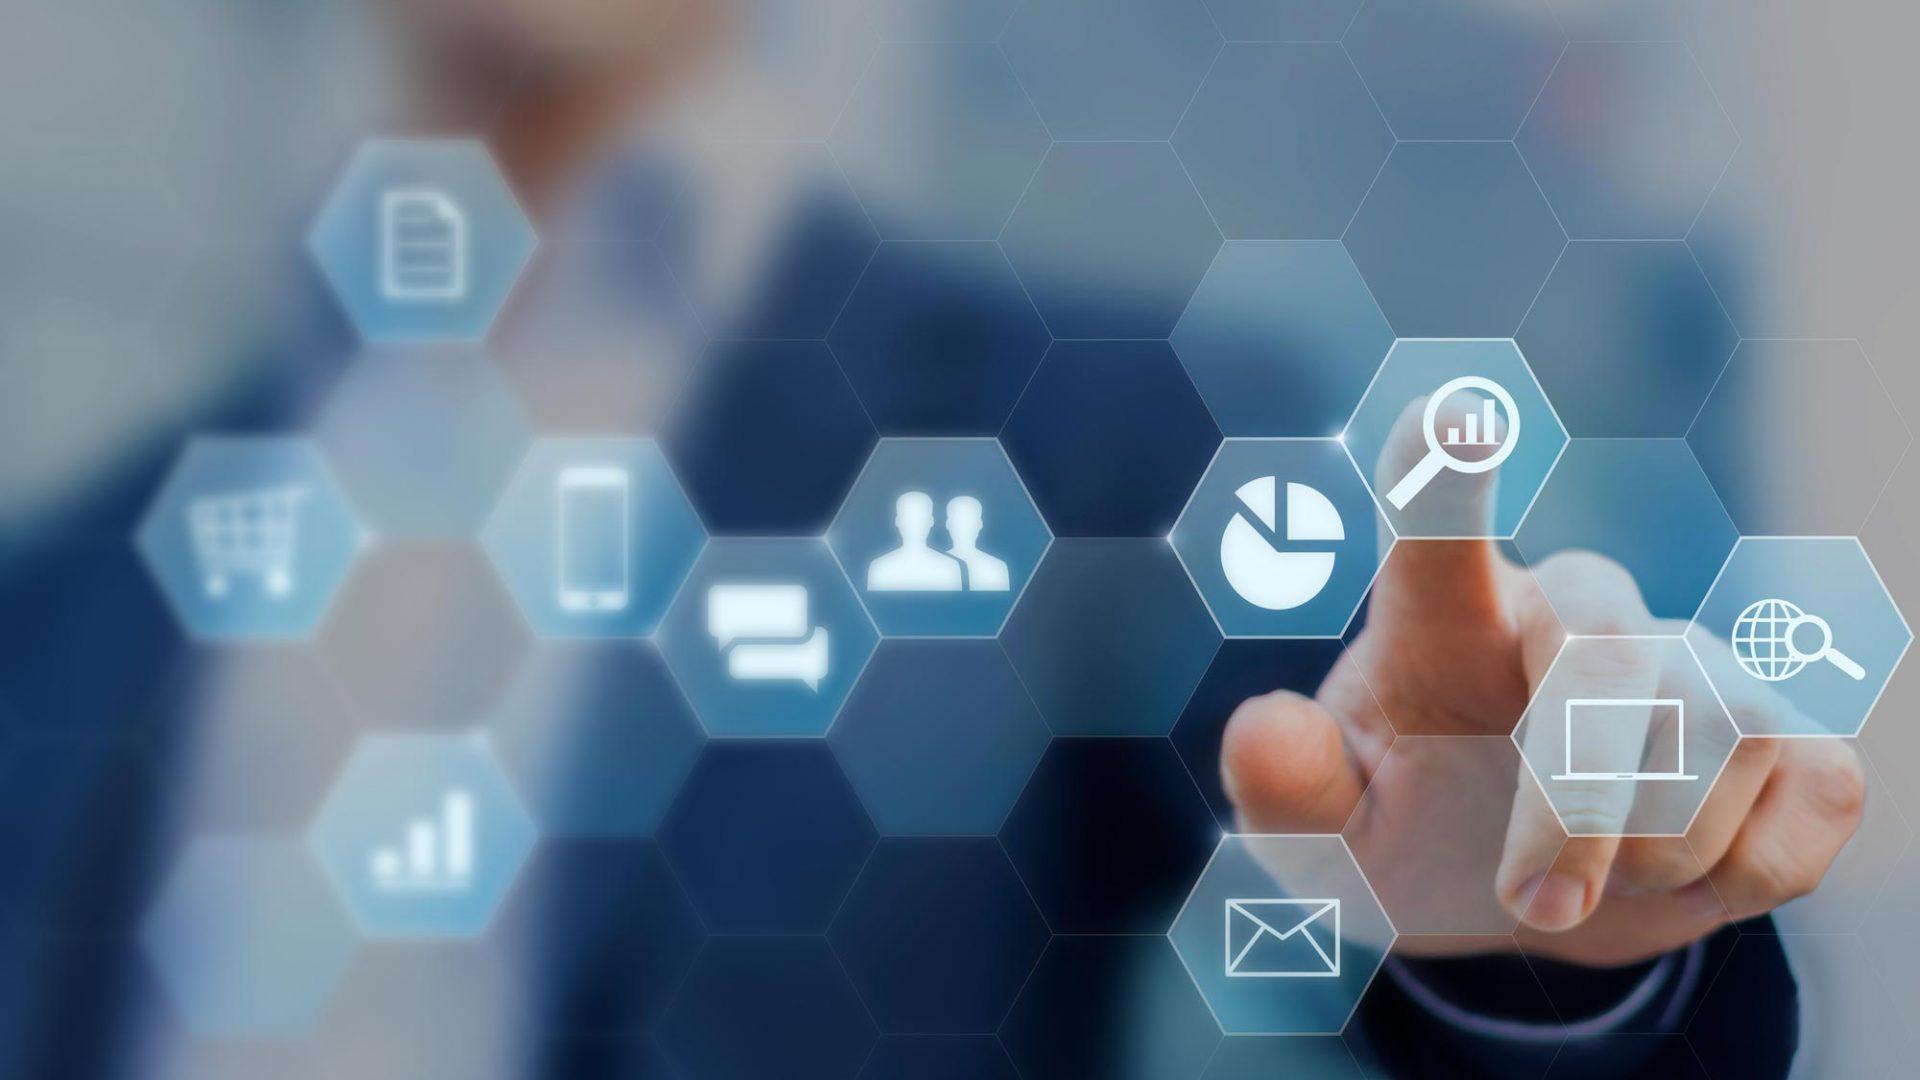 Marketing Digital: 10 tipos de estrategias de marketing realmente efectivas